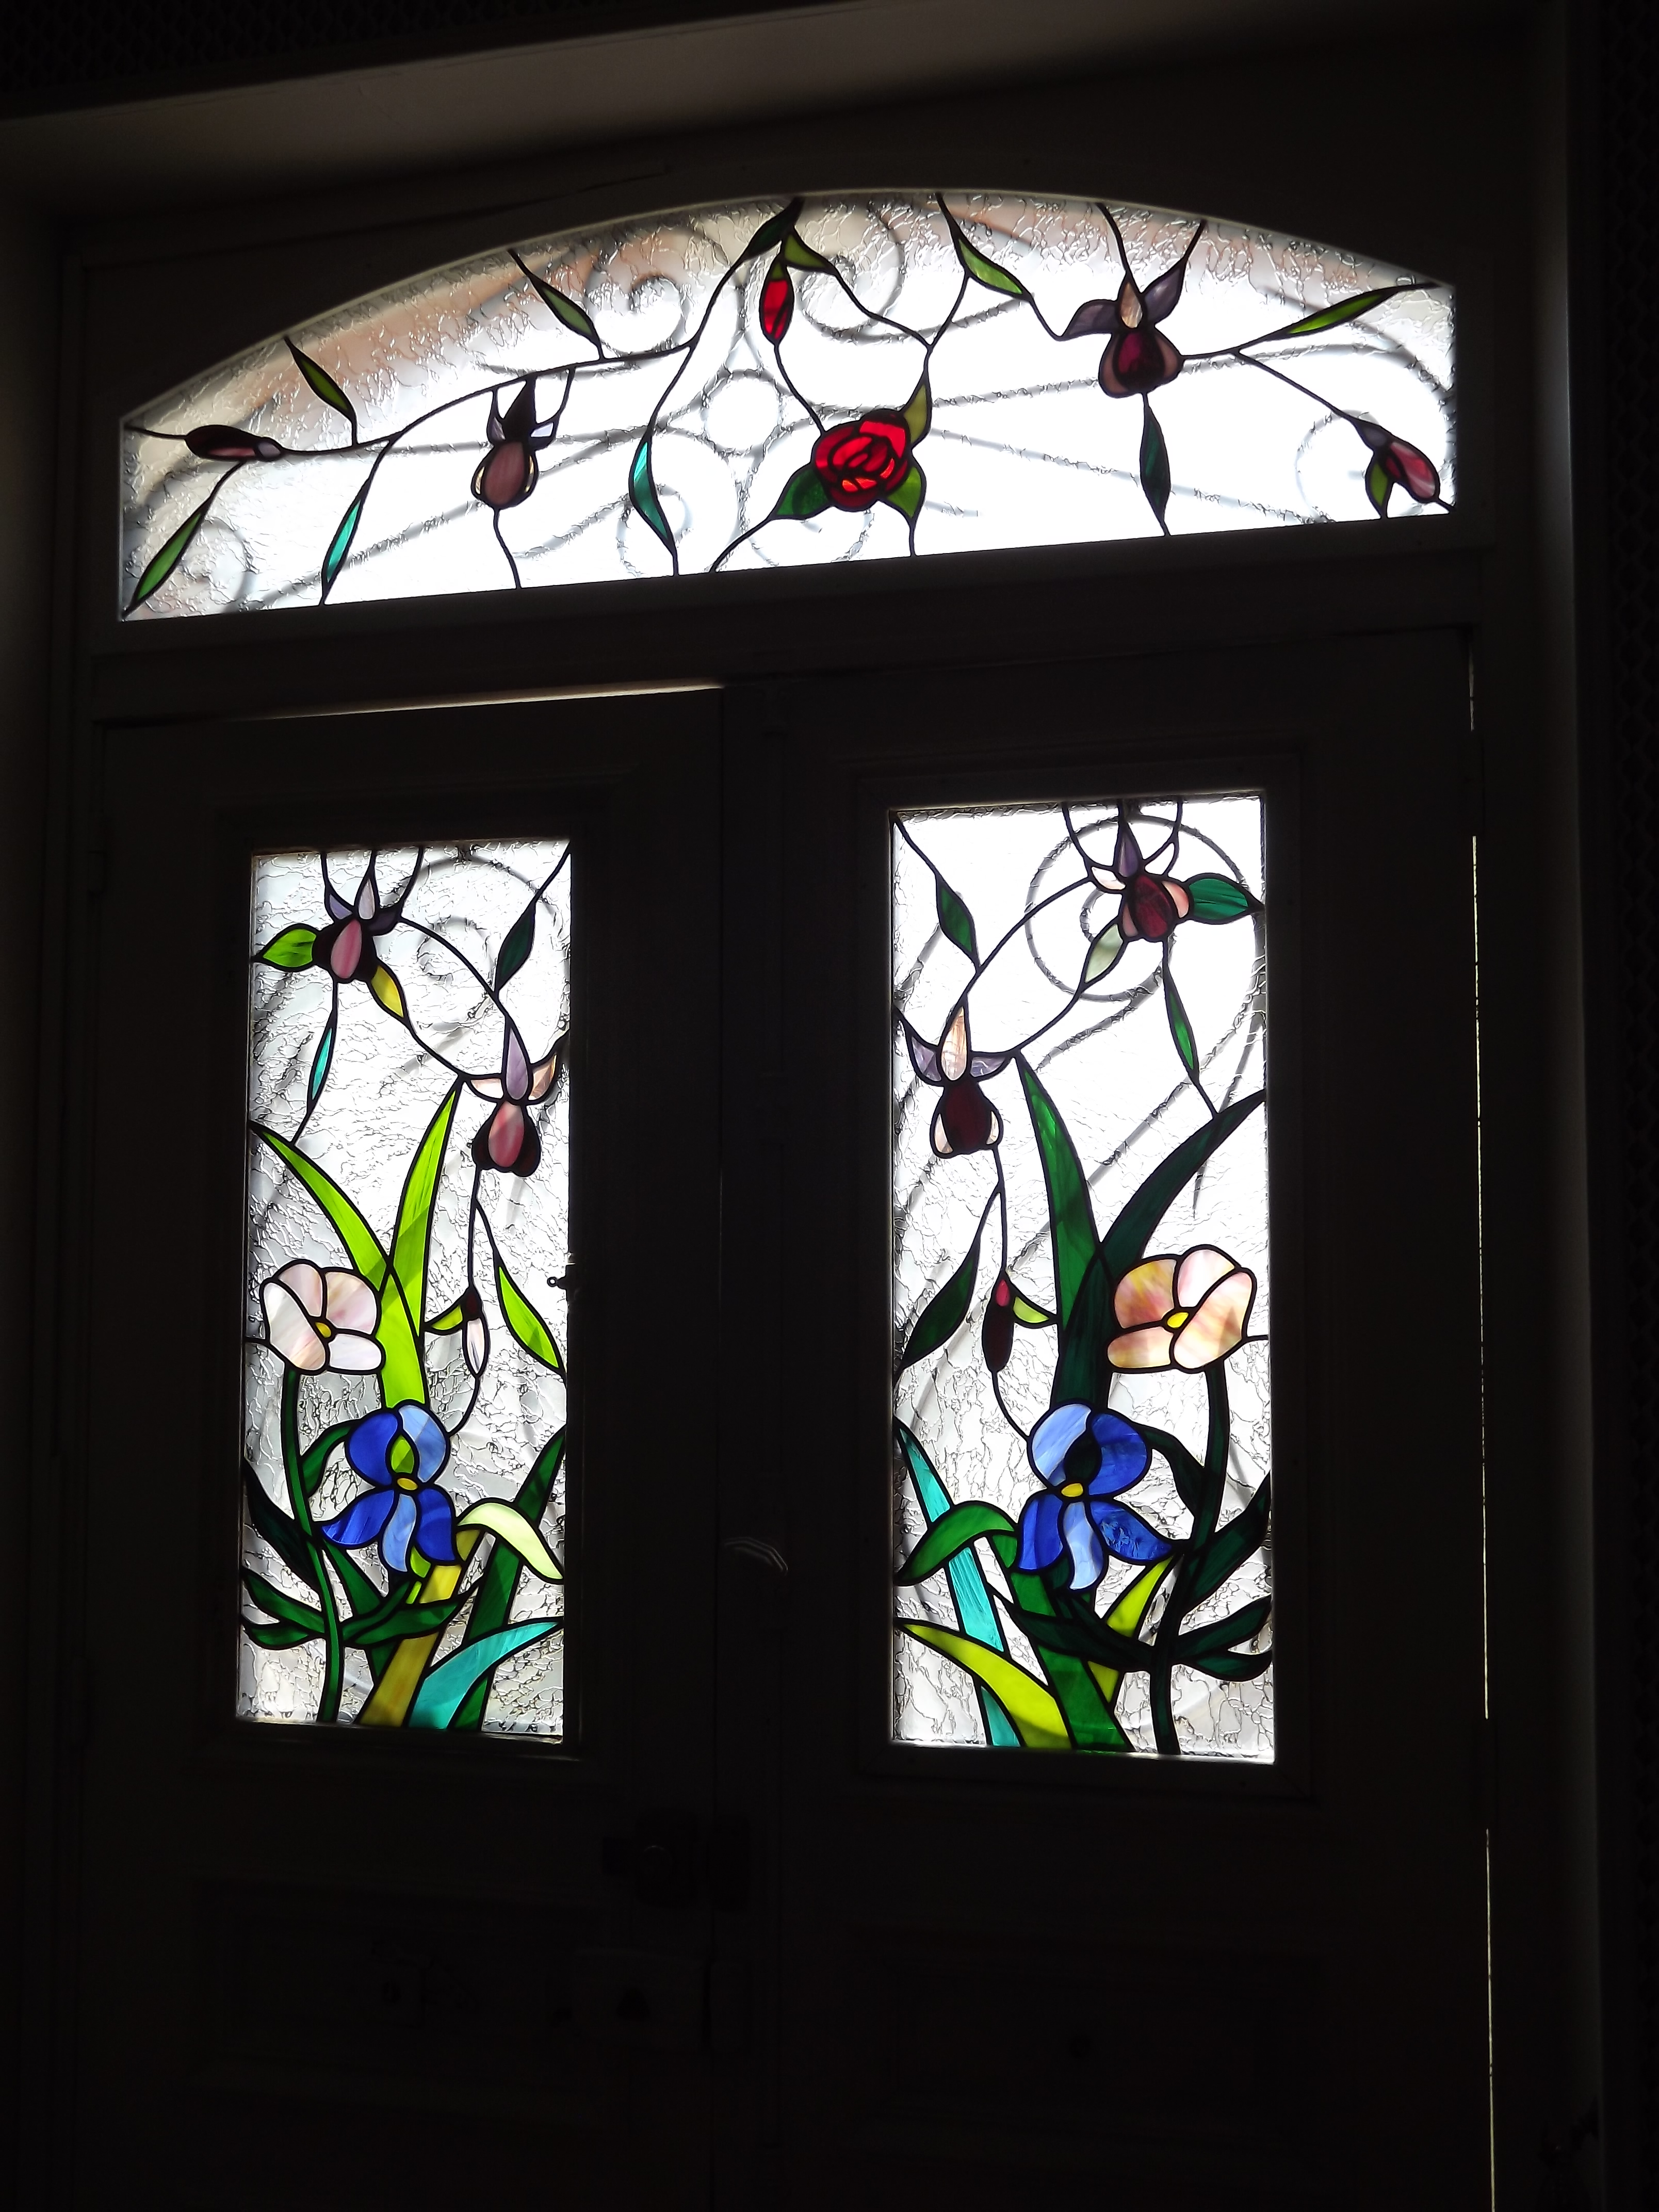 vitrail porte entr e motif floral. Black Bedroom Furniture Sets. Home Design Ideas